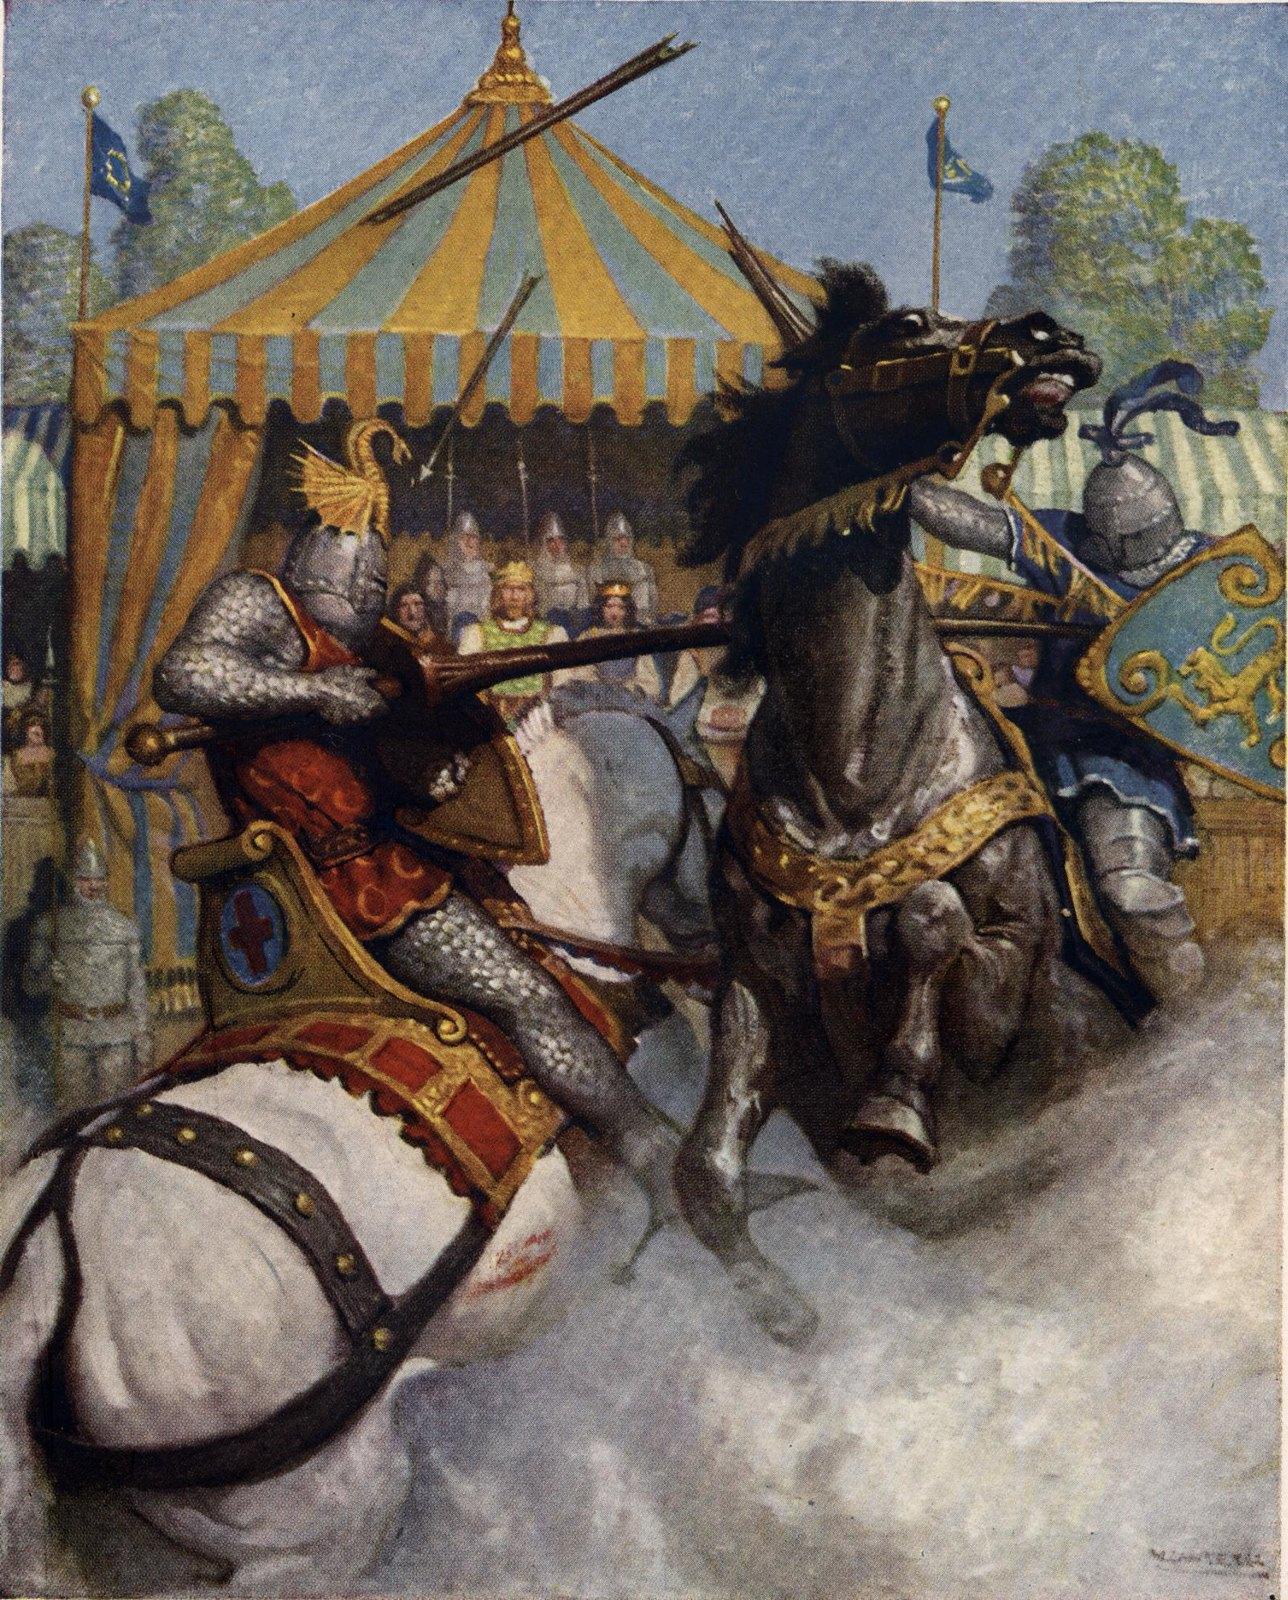 The Boy's King Arthur by N.C. Wyeth, 1922